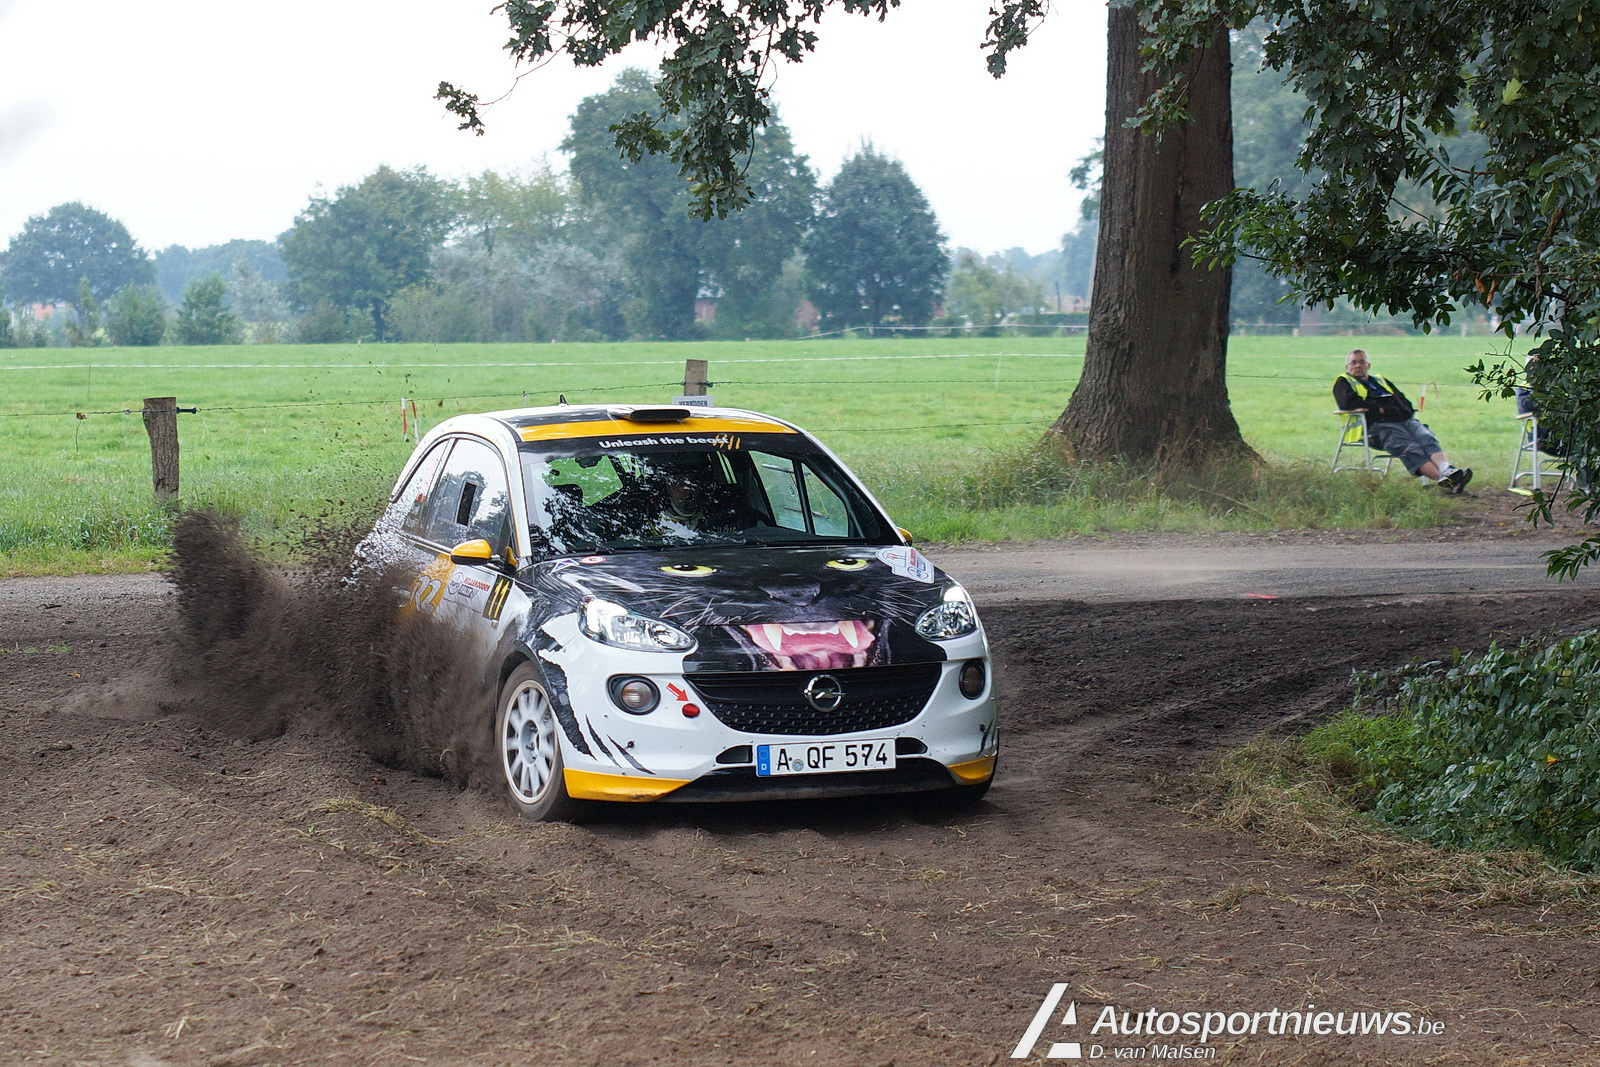 Kampioenschap in RC4-klasse: Timo van der Marel wint met Opel ADAM R2